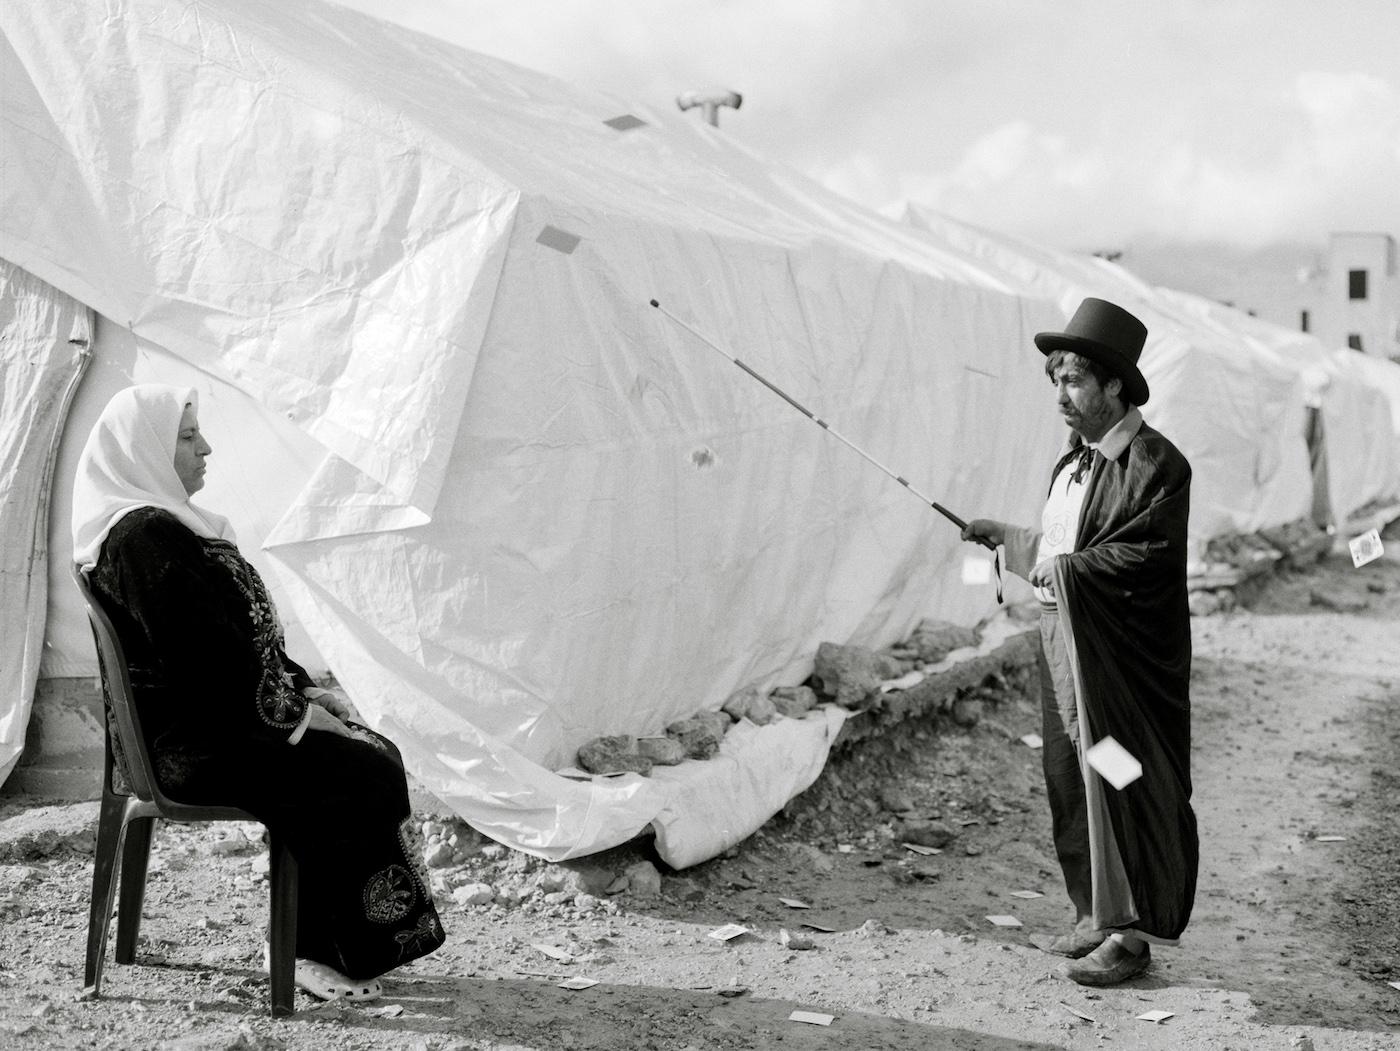 Omar Imam – Live, Love, Refugee